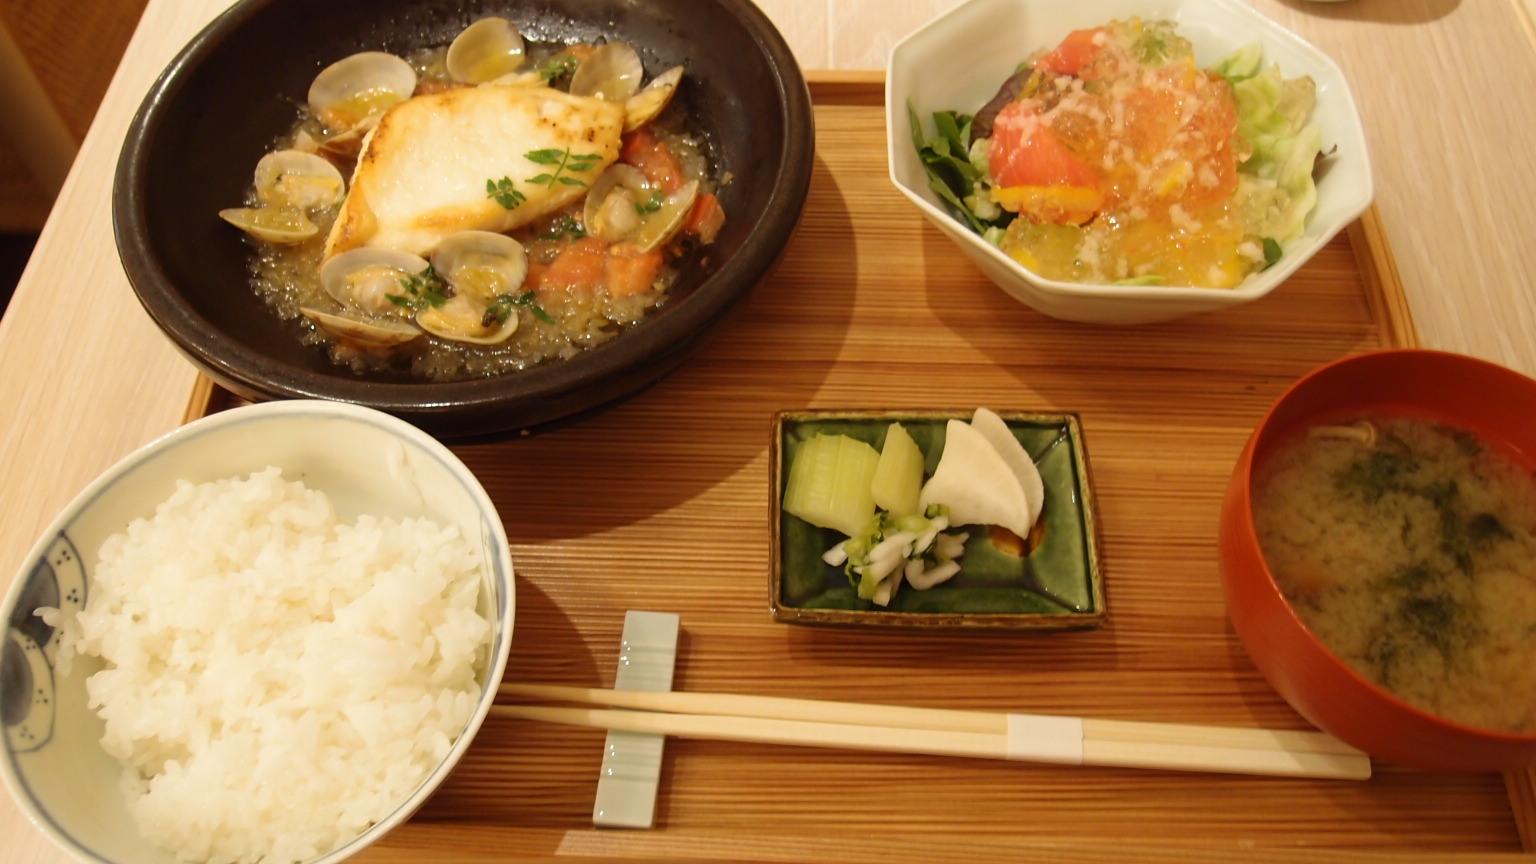 銀座 AKOMEYA厨房 白身魚のあさり蒸し仕立て